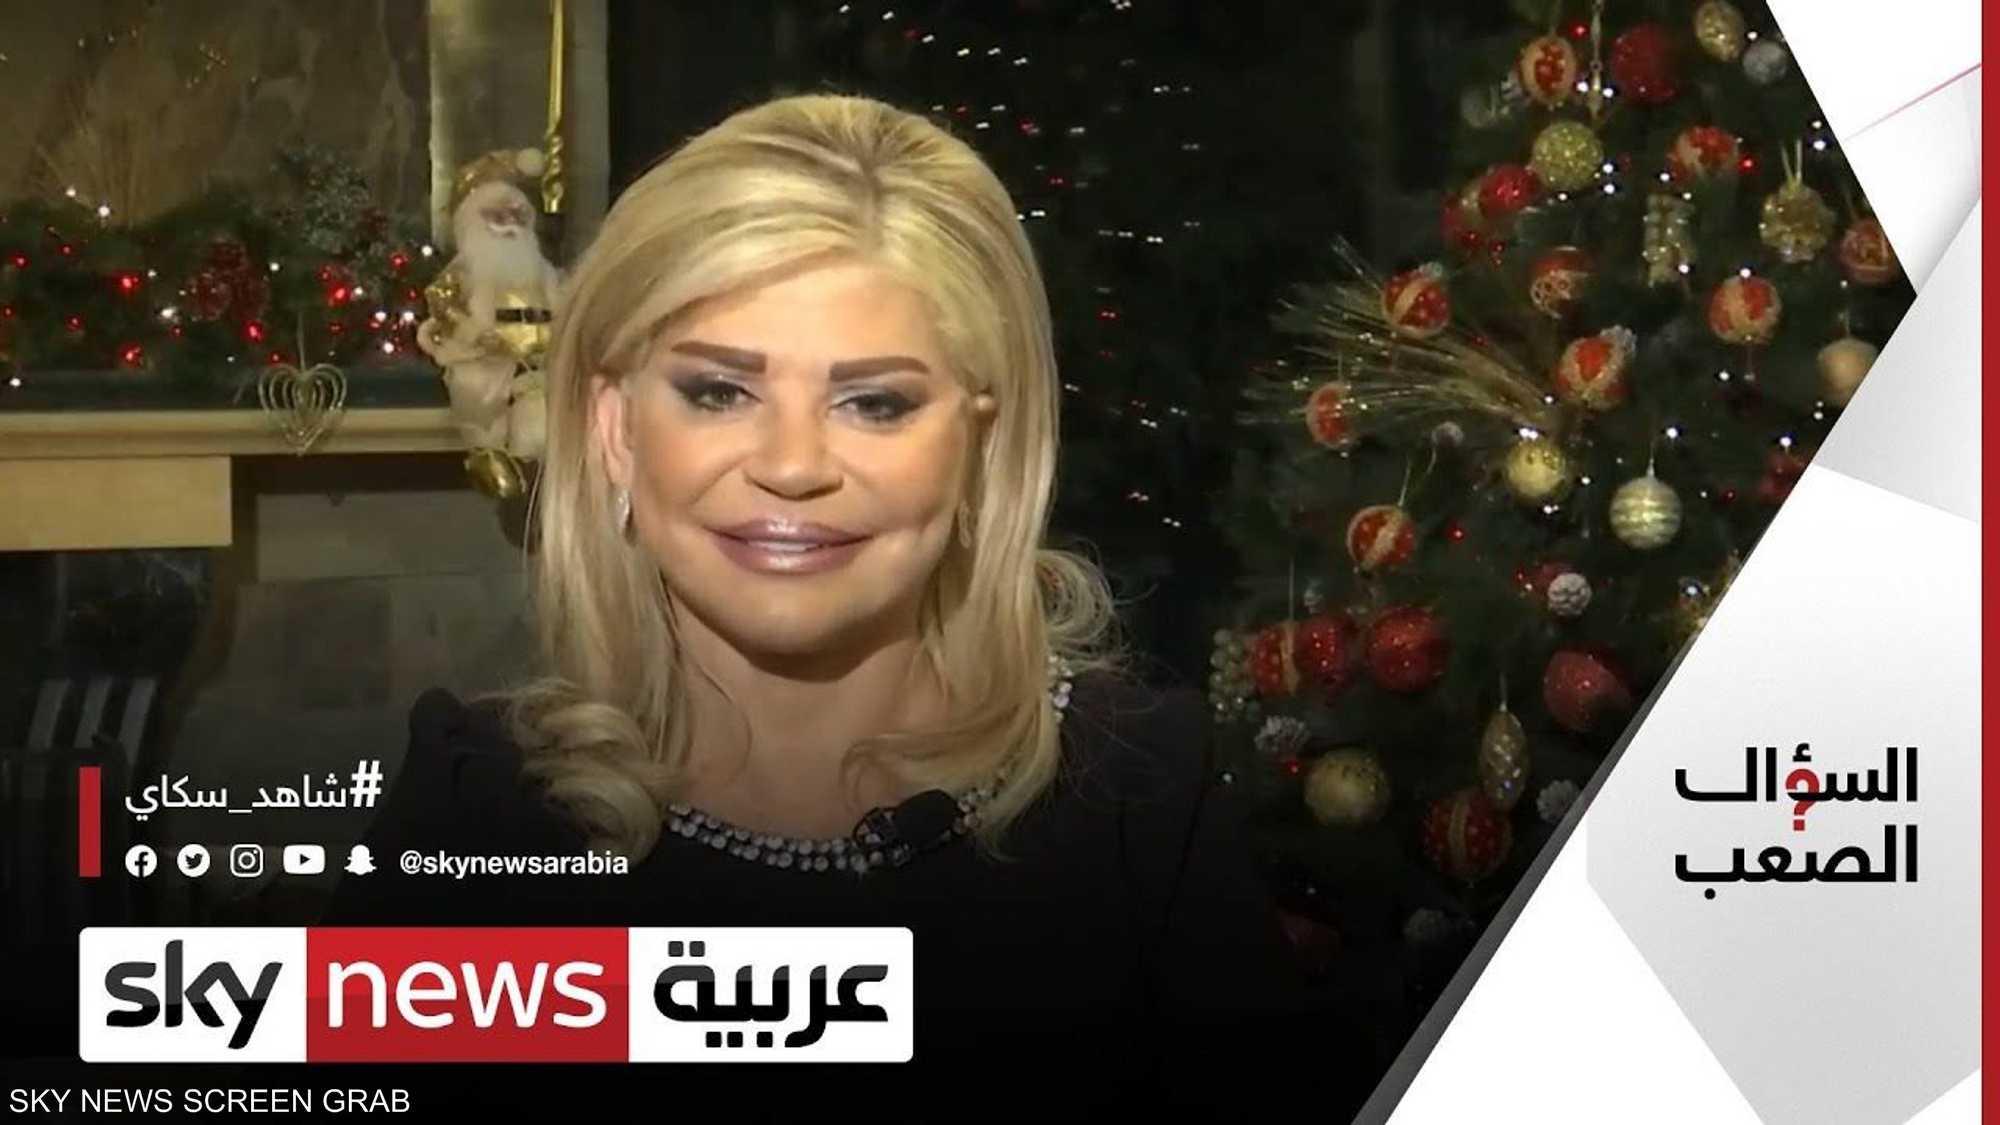 مي شدياق: نطالب بكشف الحقيقة بخصوص انفجار مرفأ بيروت